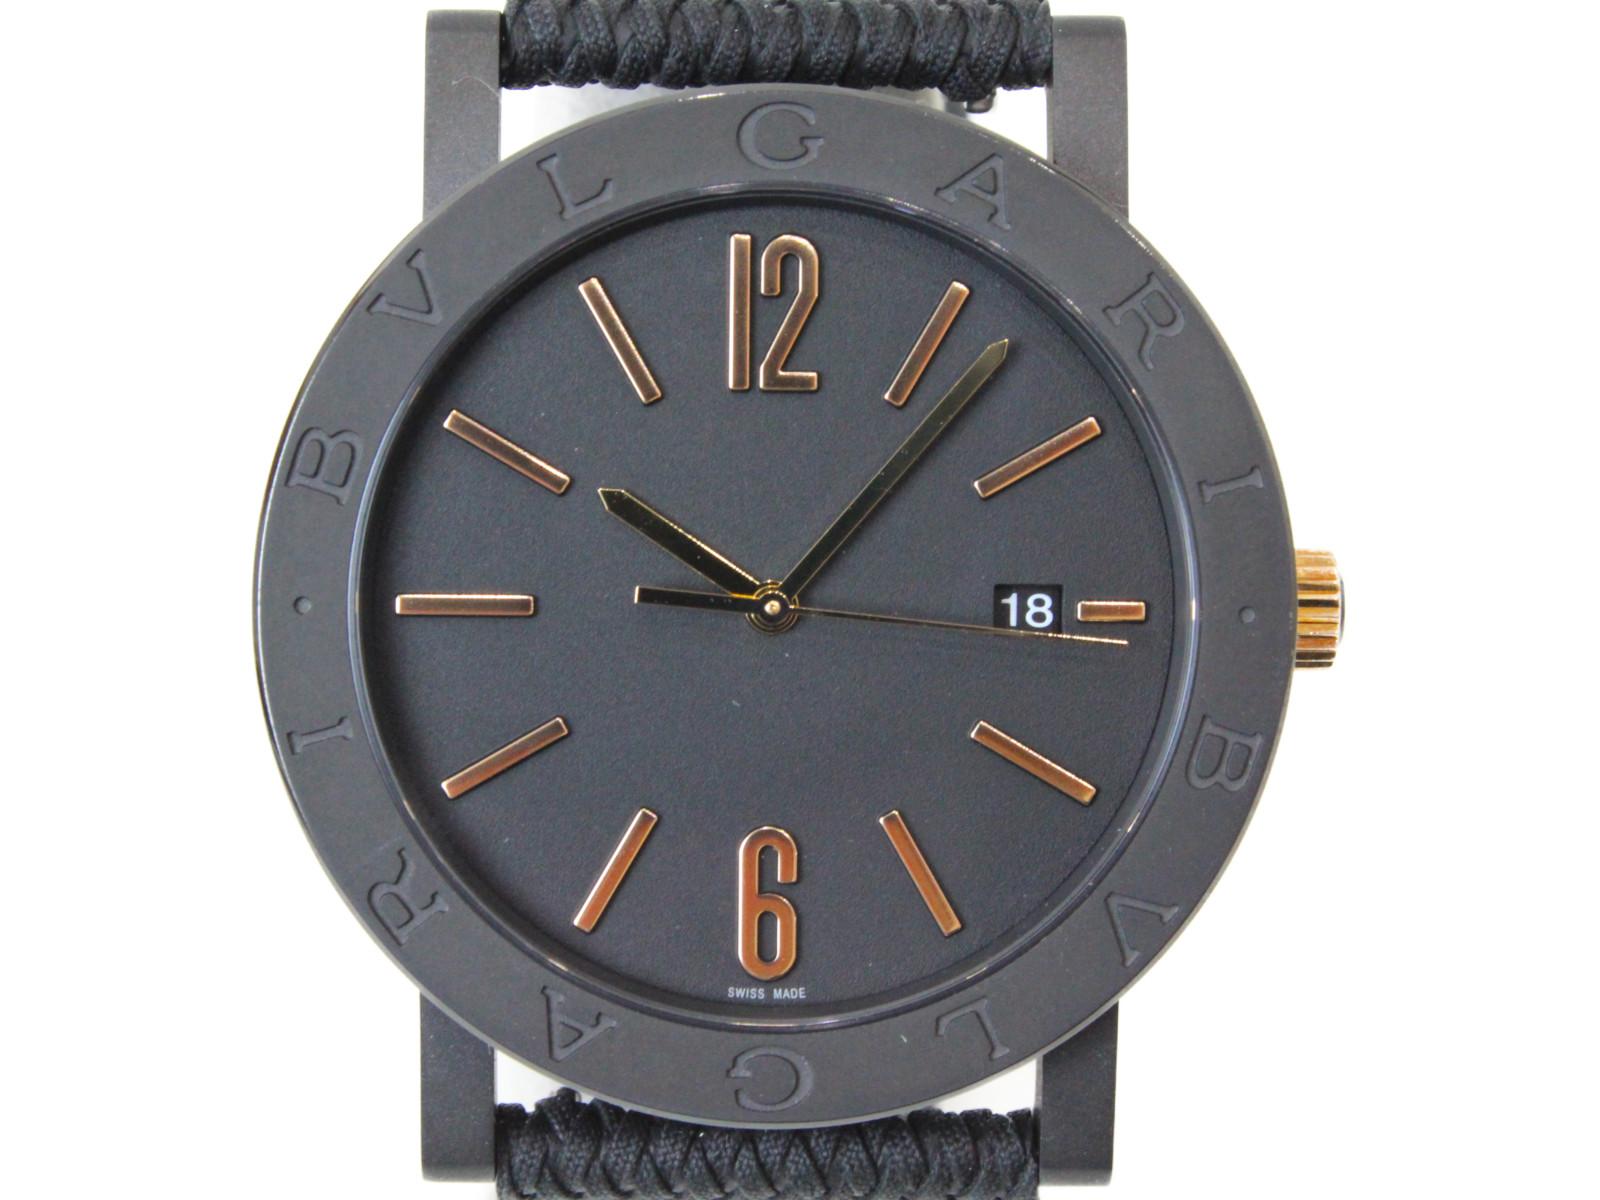 【替えベルト付】BVLGARI ブルガリ ブルガリ・ブルガリ ソロテンポ BB41S 102929 自動巻き デイト SS ブラック メンズ 腕時計【中古】